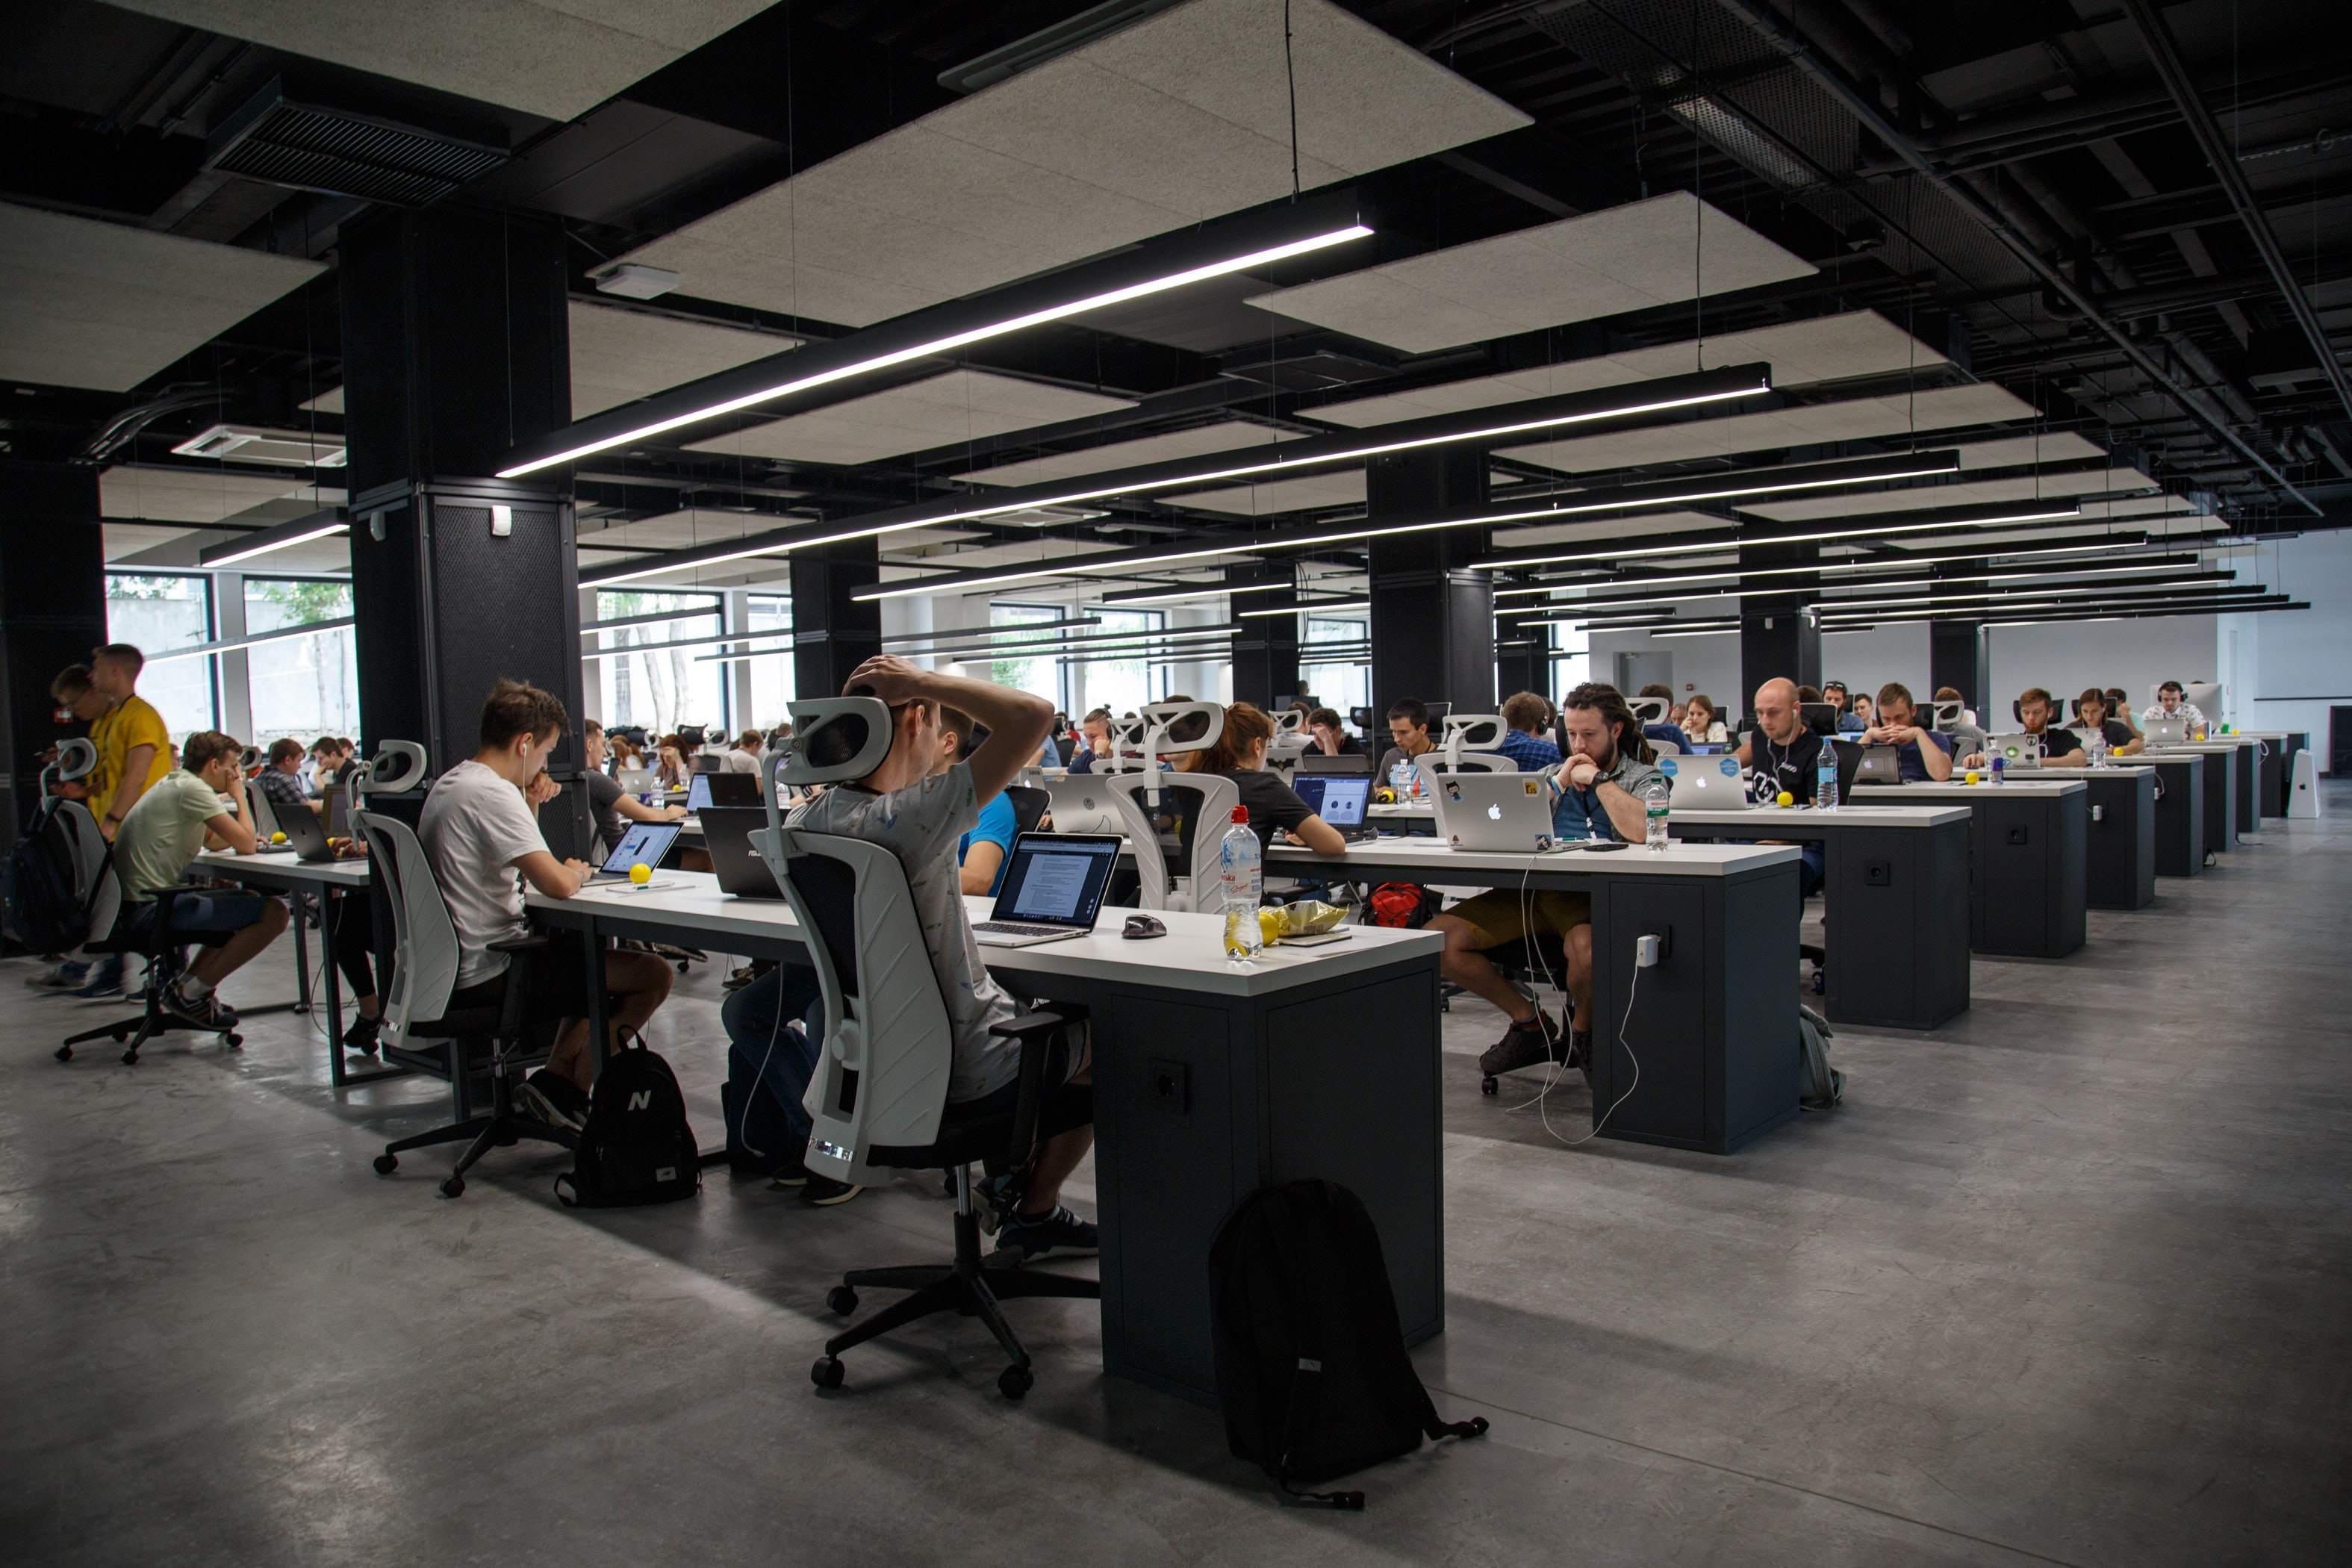 Arbeitsmarkt Beispielfoto Büroarbeit